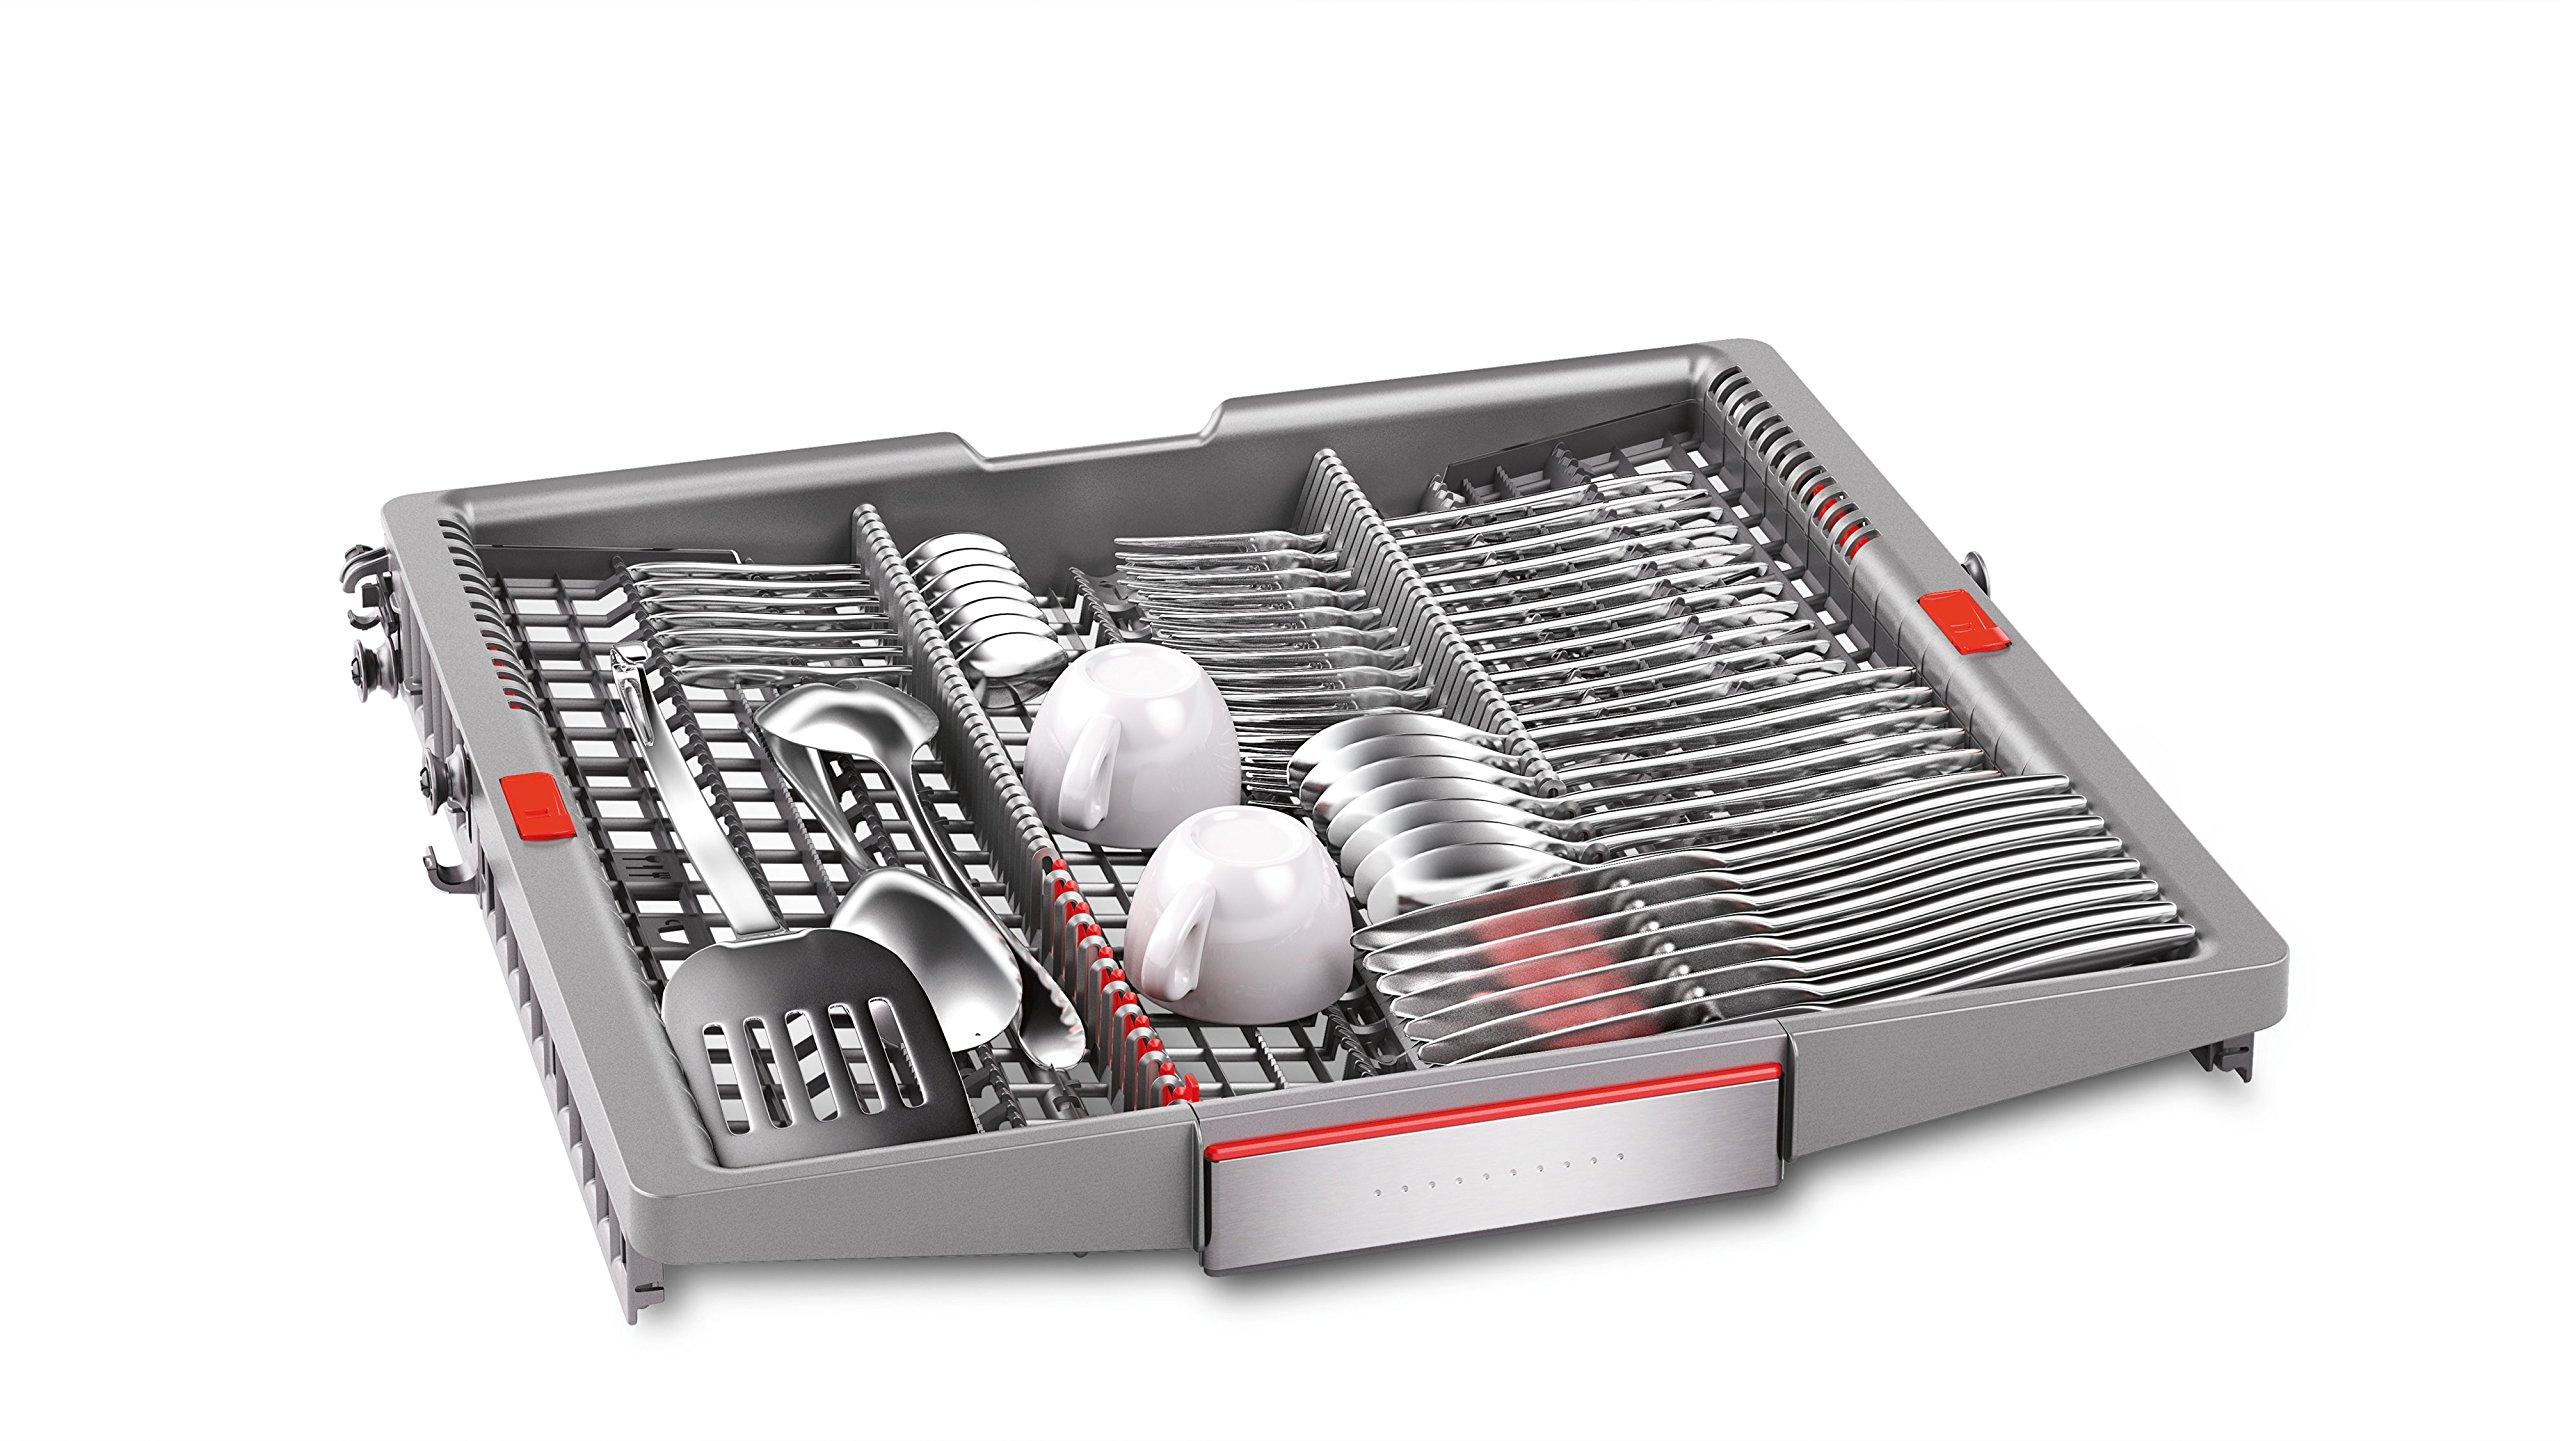 Bosch SMU88TS36E Serie 8 Geschirrspüler 1.7 / A+++ / 211 kWh/Jahr / 2100 L/jahr / Startzeitvorwahl, Amazon Dash…